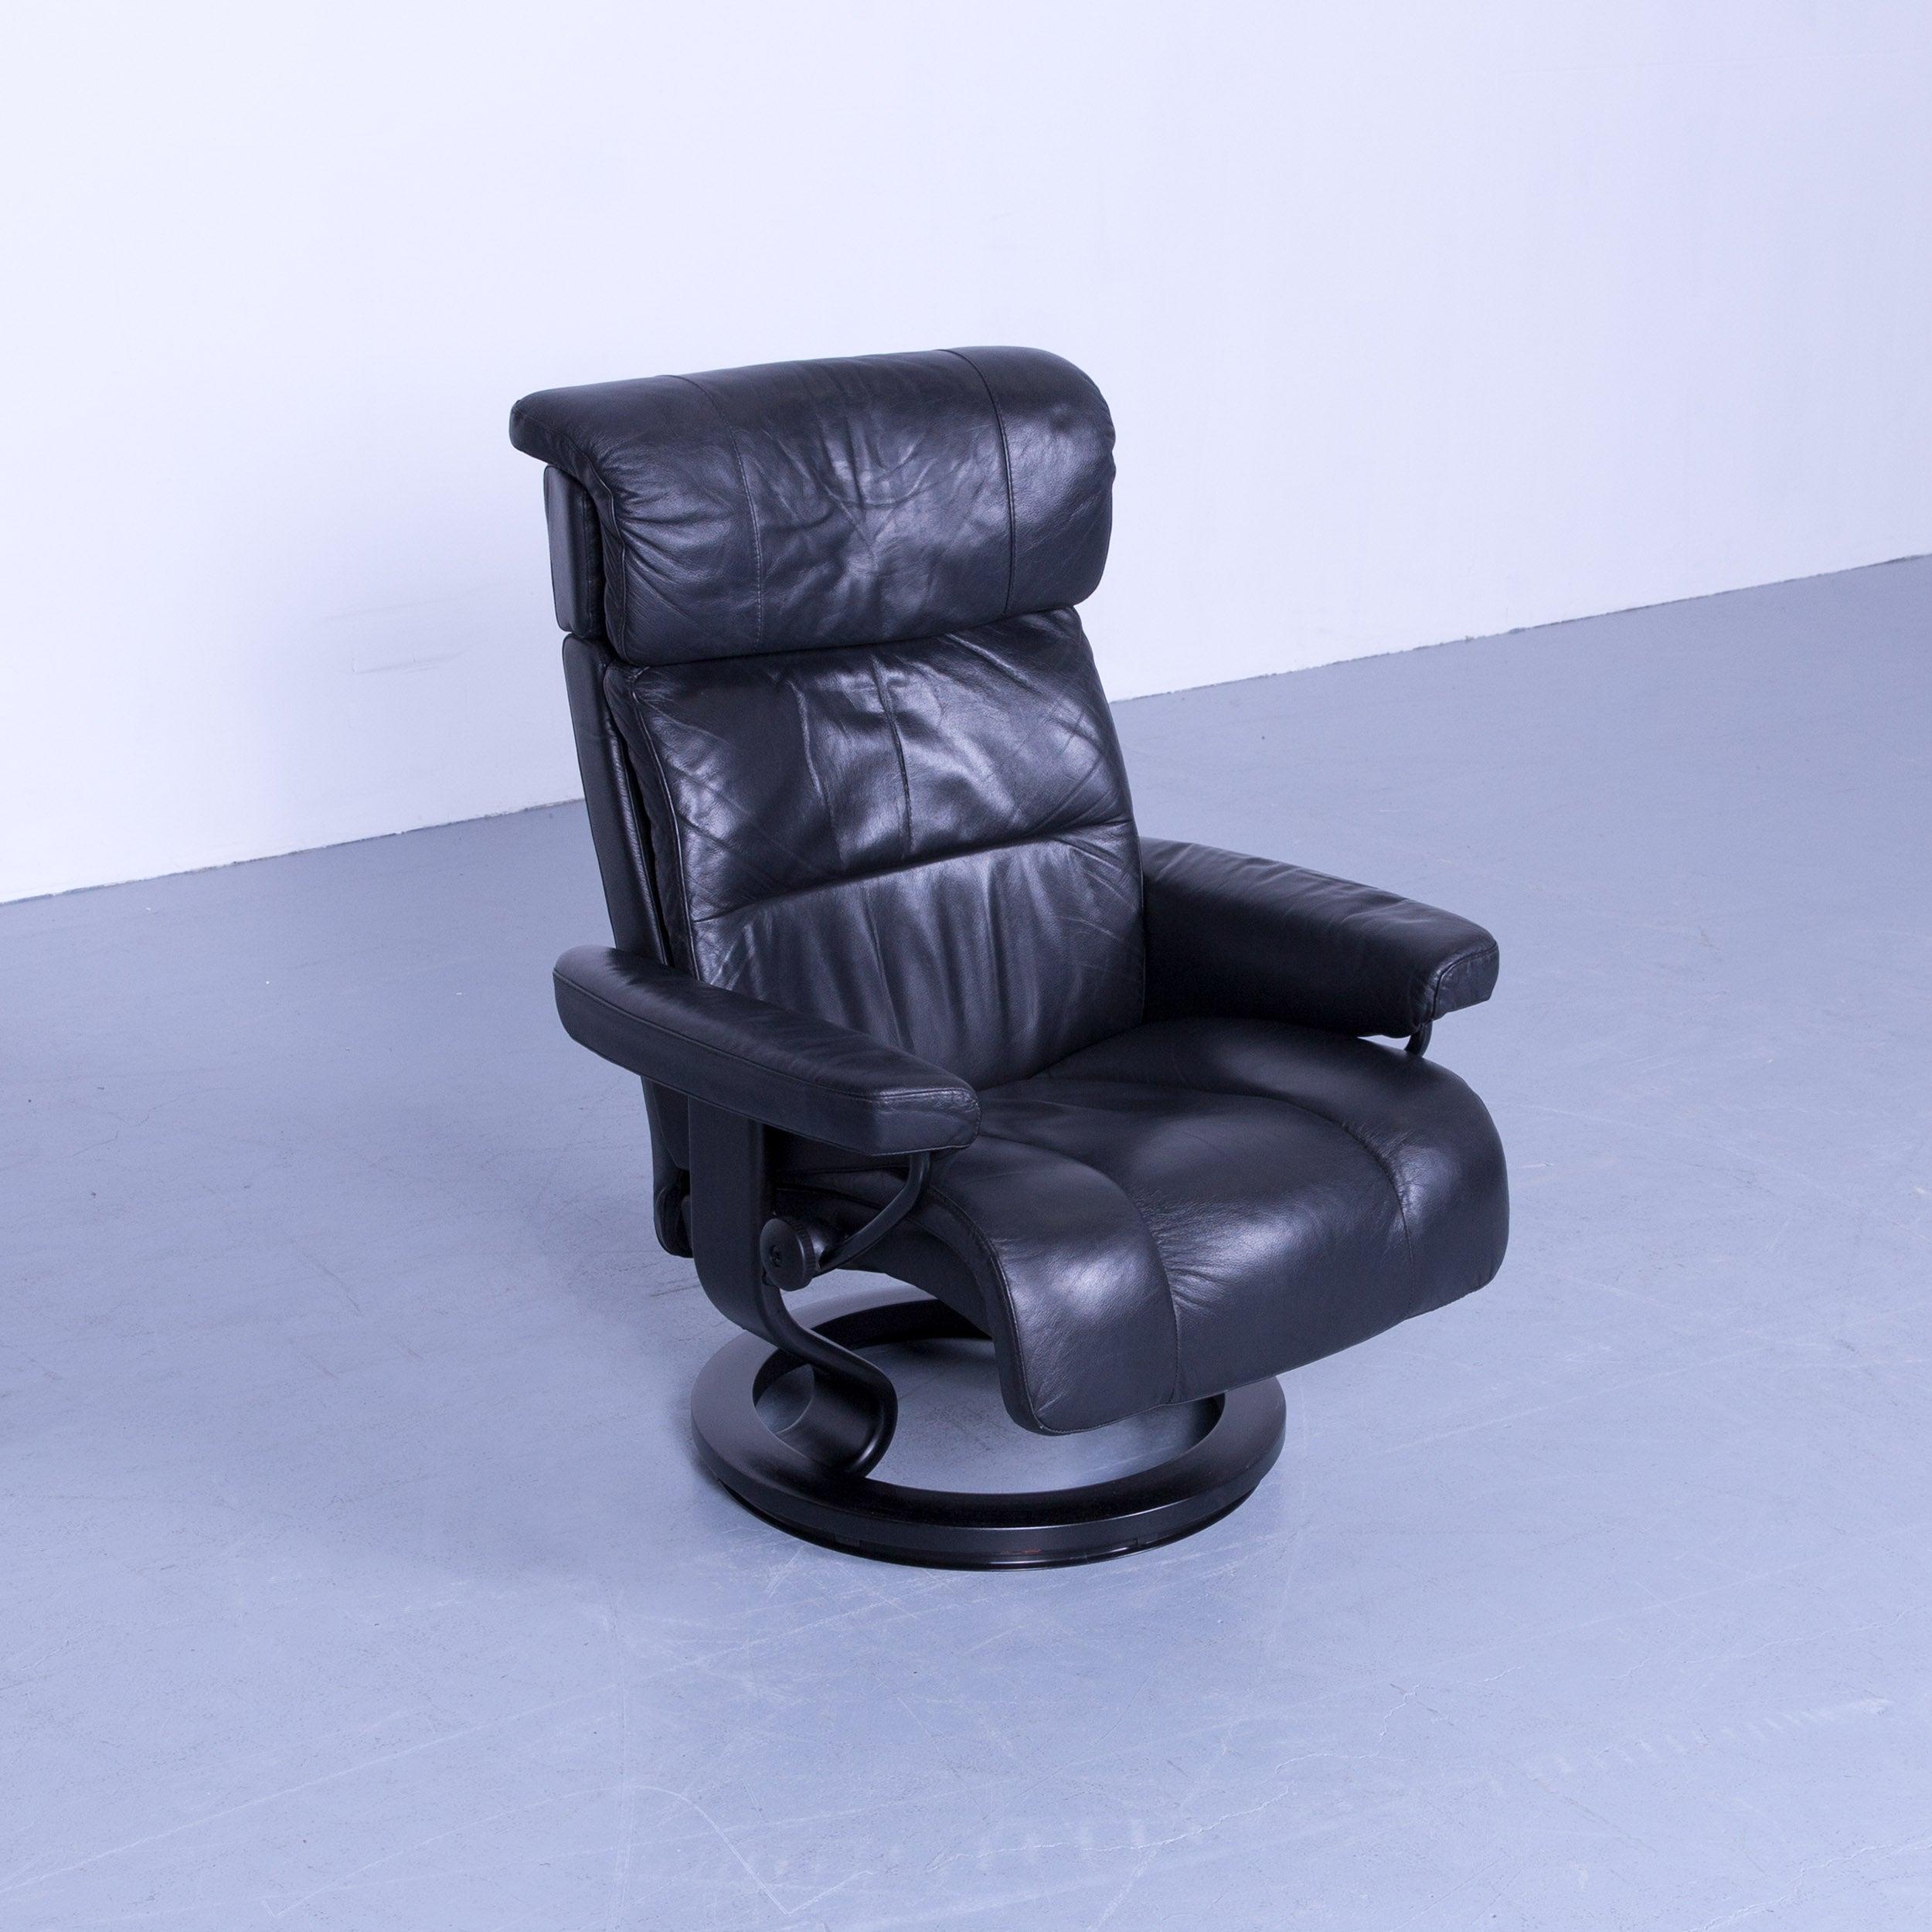 stressless tv sessel. Black Bedroom Furniture Sets. Home Design Ideas